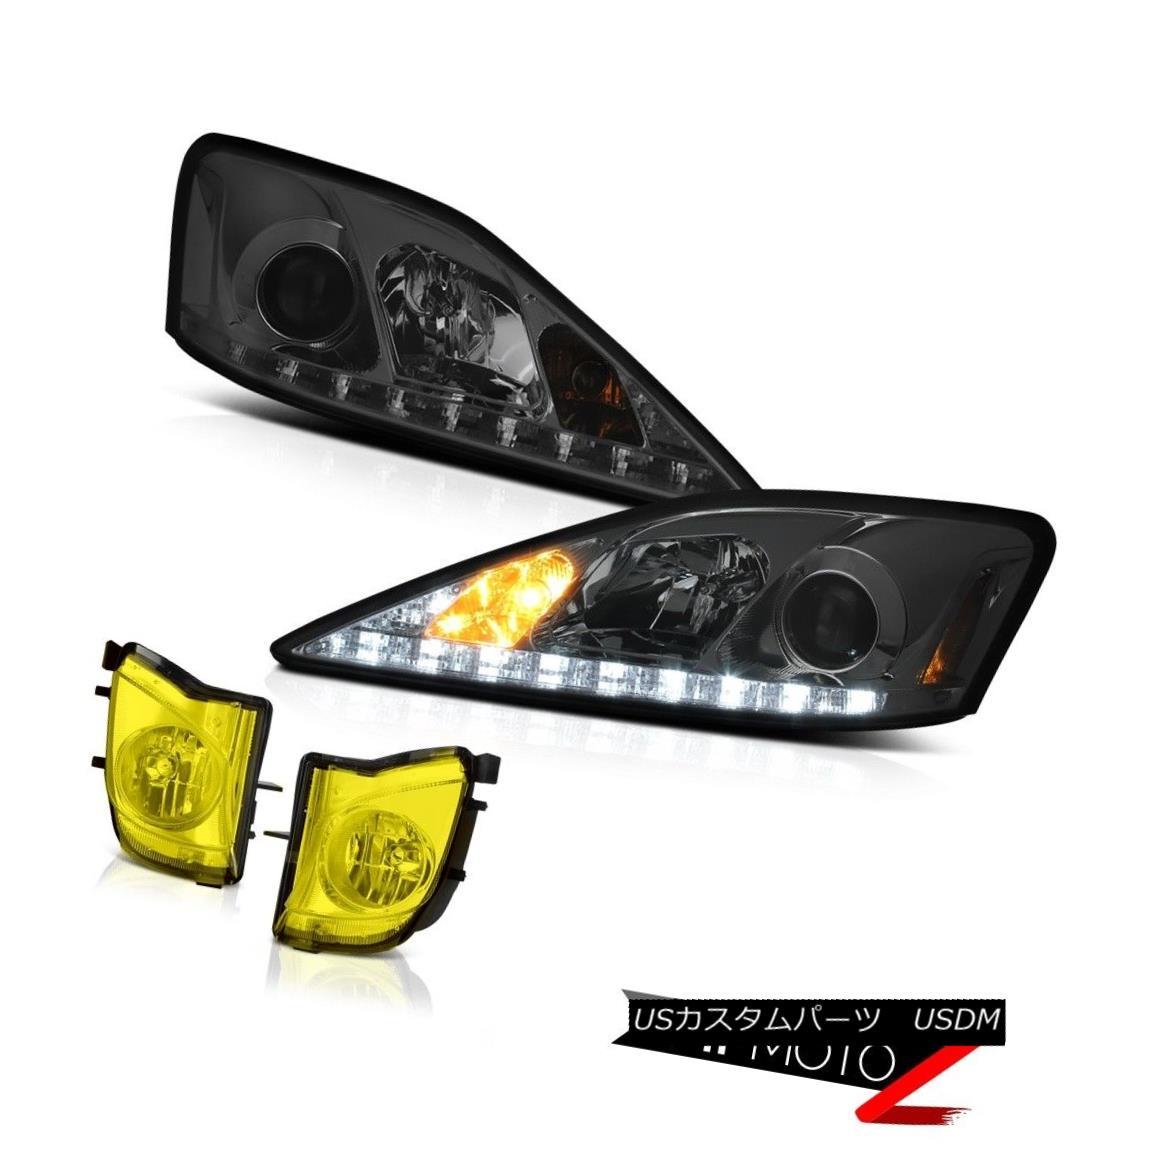 ヘッドライト 2006-2007-2008-2009 Lexus IS250 IS350 Smoke Projector LED Headlights Yellow Fog 2006-2007-2008  -2009 Lexus IS250 IS350煙プロジェクターLEDヘッドライトイエローフォグ